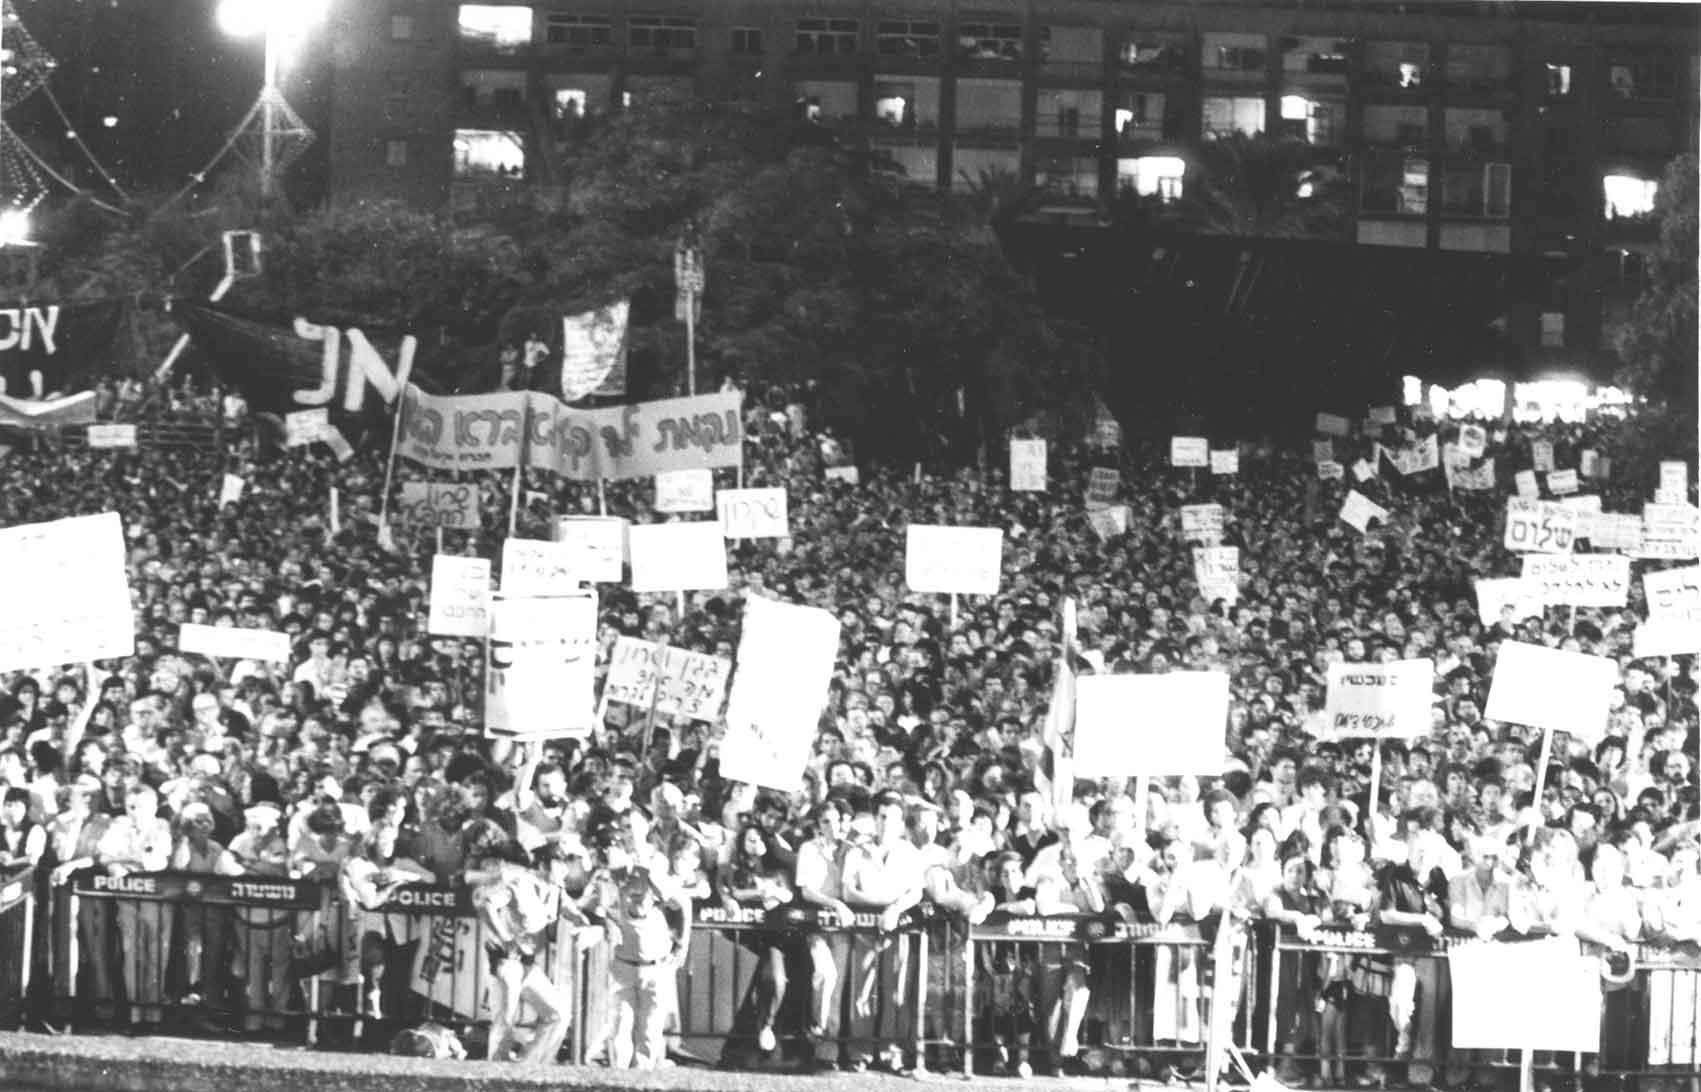 ענת סרגוסטי, מחאת הארבע מאות אלף, 1982